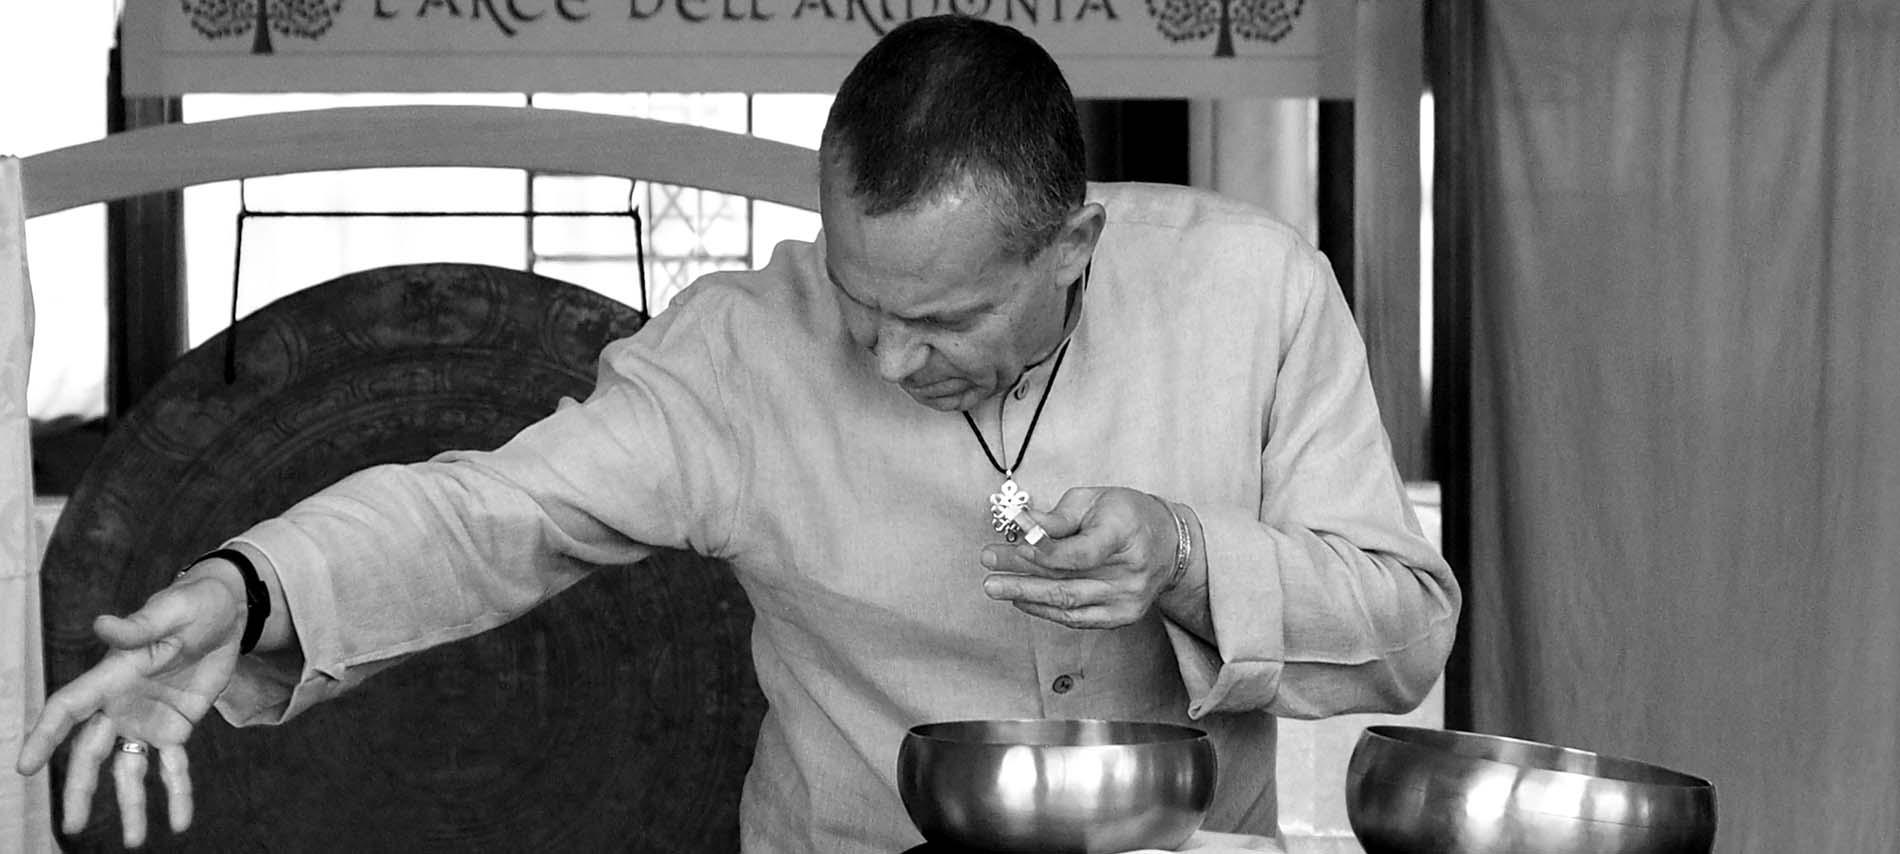 Suonoterapia Vibrazionale Dario Gasparato